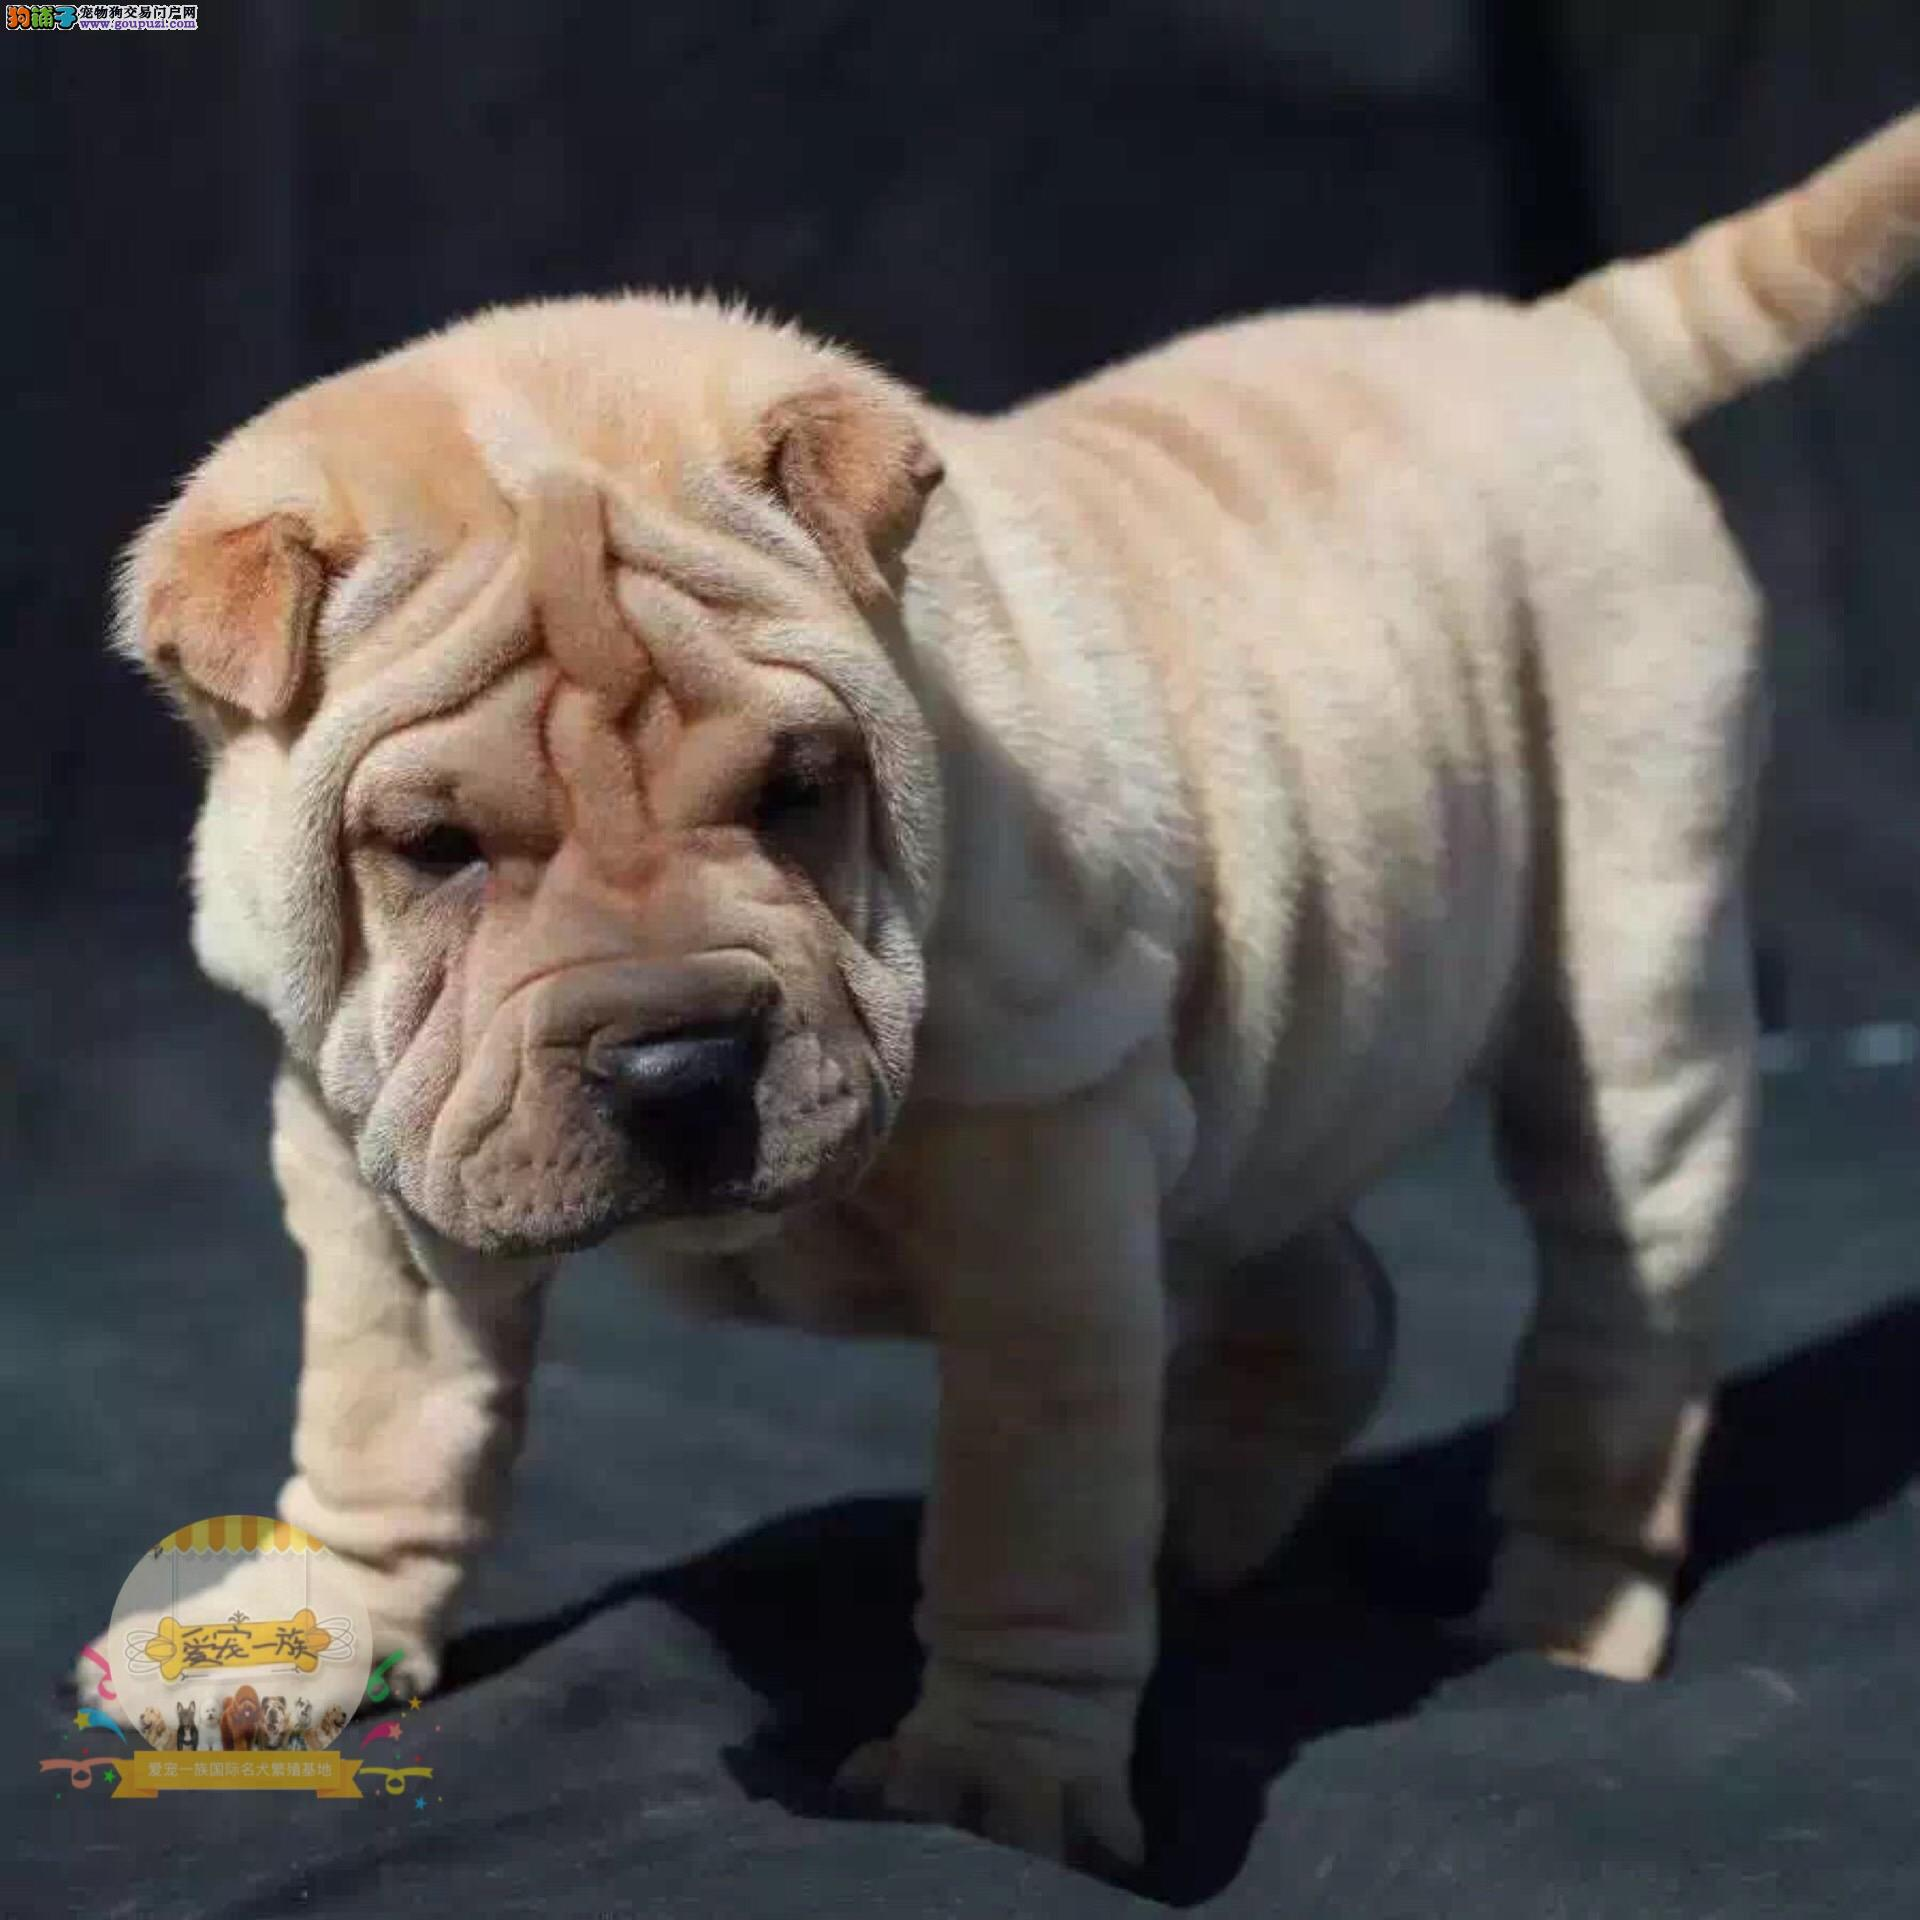 皮肤最皱带有王者之气沙皮犬.优选犬舍/官方认证